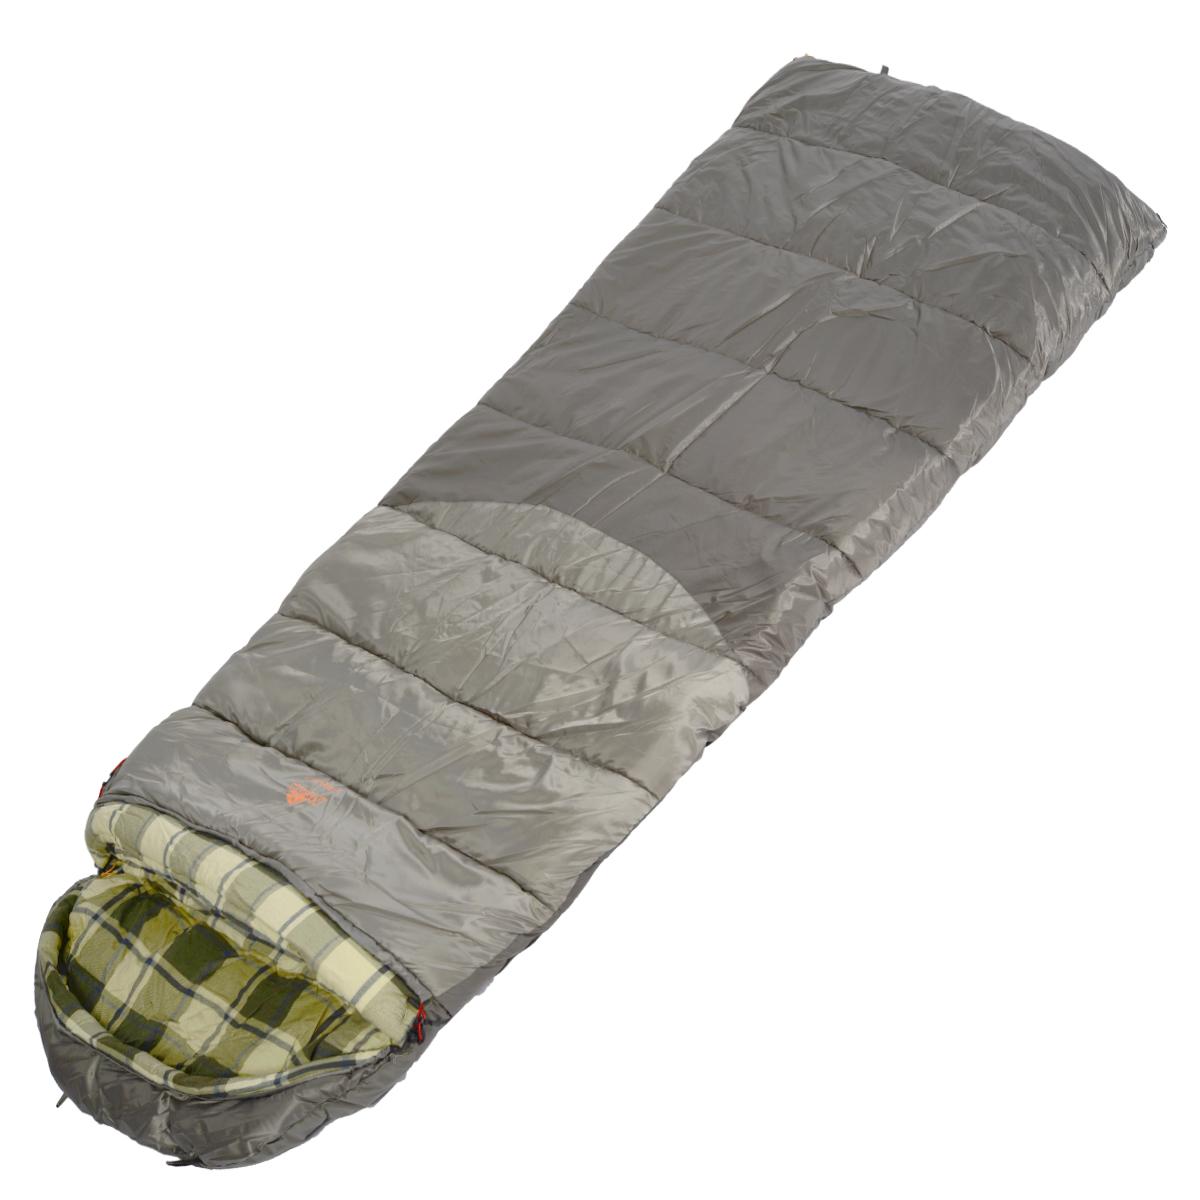 Спальный мешок-одеяло Alexika Canada plus, цвет: серый, правосторонняя молния. 9266.010719266.01071Вы выезжаете на рыбалку или охоту вплоть до зимних холодов. Уникальное предложение - спальный мешок-одеяло Canada. Большой объем утеплителя в 650 г/м2, мягкая и теплая внутренняя фланель, увеличенные размеры для комфортного сна. Размер в чехле: 56/46 см x 43 см. Внешняя ткань: верх Polyester 190T.Внешняя ткань низ:- Polyester 190T Diamond RipStop PU 250 mm H2O. Внутренняя ткань: Flannel. Утеплитель: APF-Isoterm 3D.